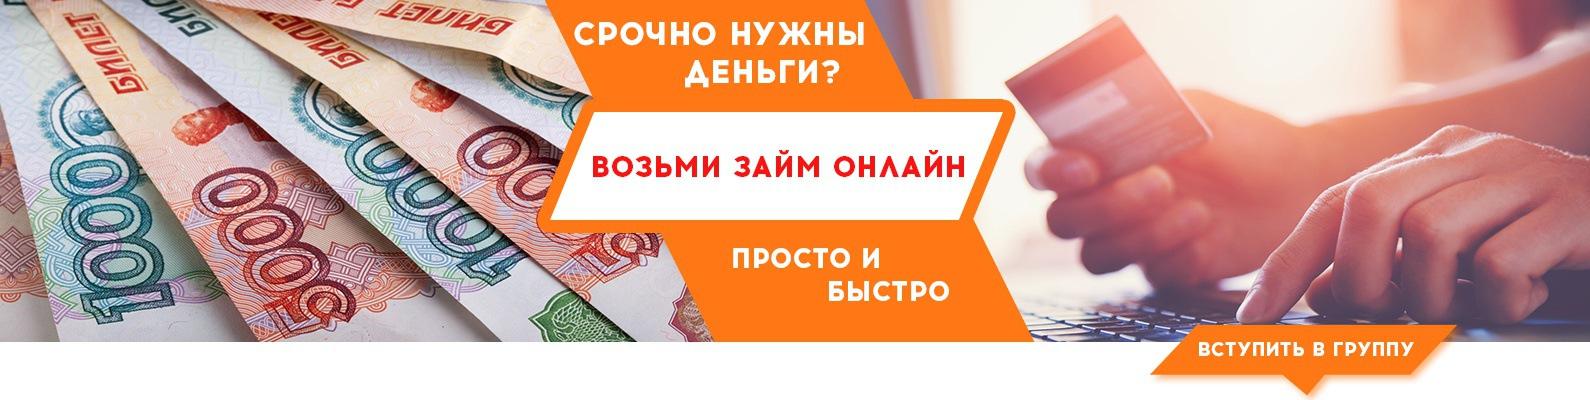 Онлайн микрозаймы по всей россии